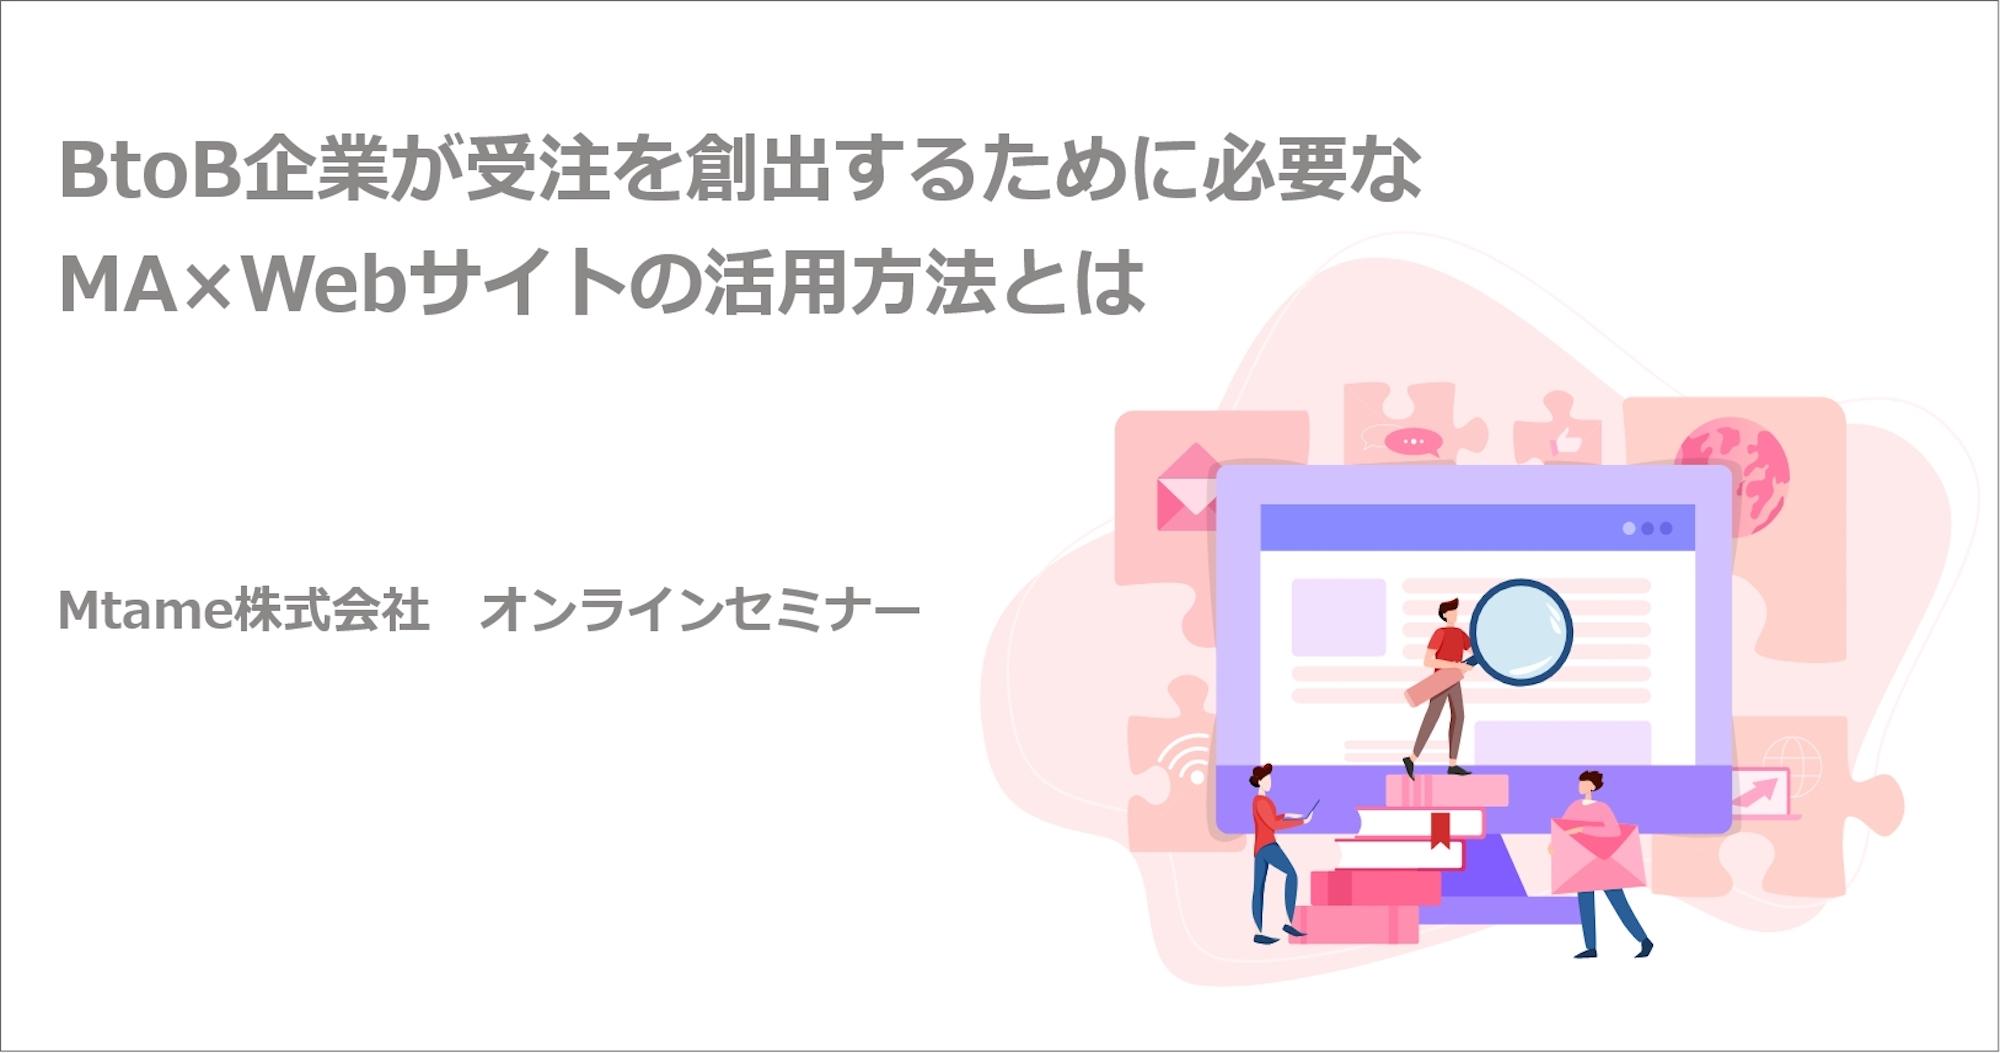 【全2日程】BtoB企業が受注を創出するために必要なMA×Webサイトの活用方法とは